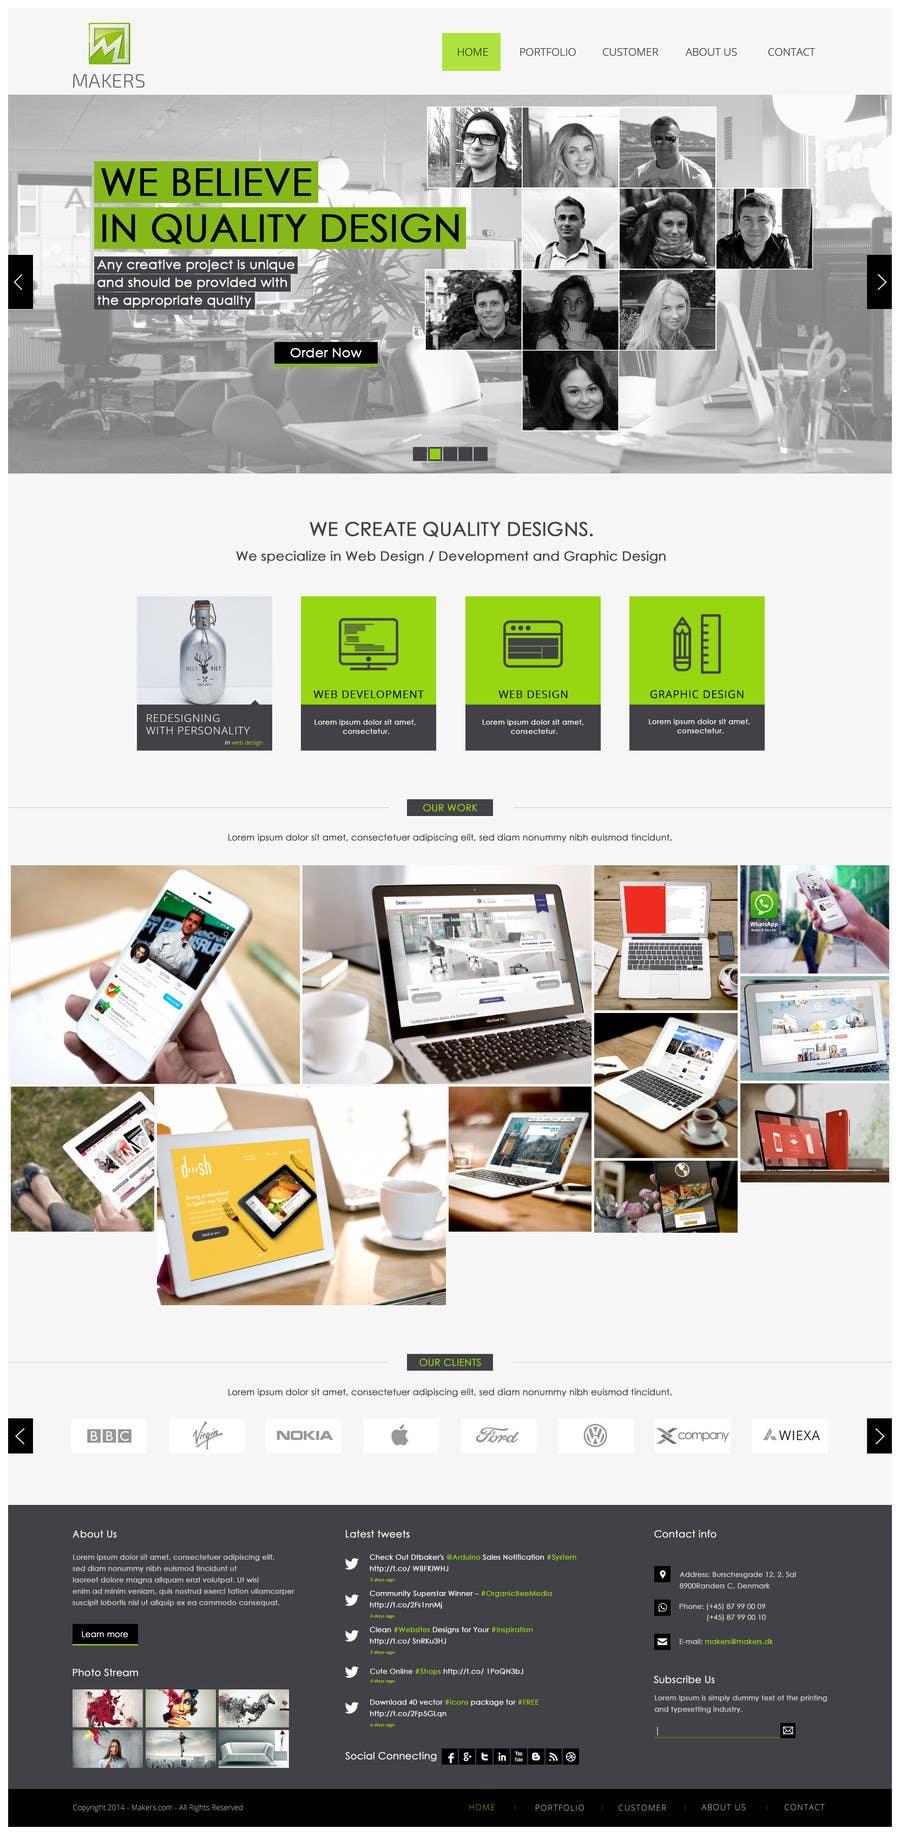 Konkurrenceindlæg #                                        25                                      for                                         Design a Website Mockup for http://makers.dk